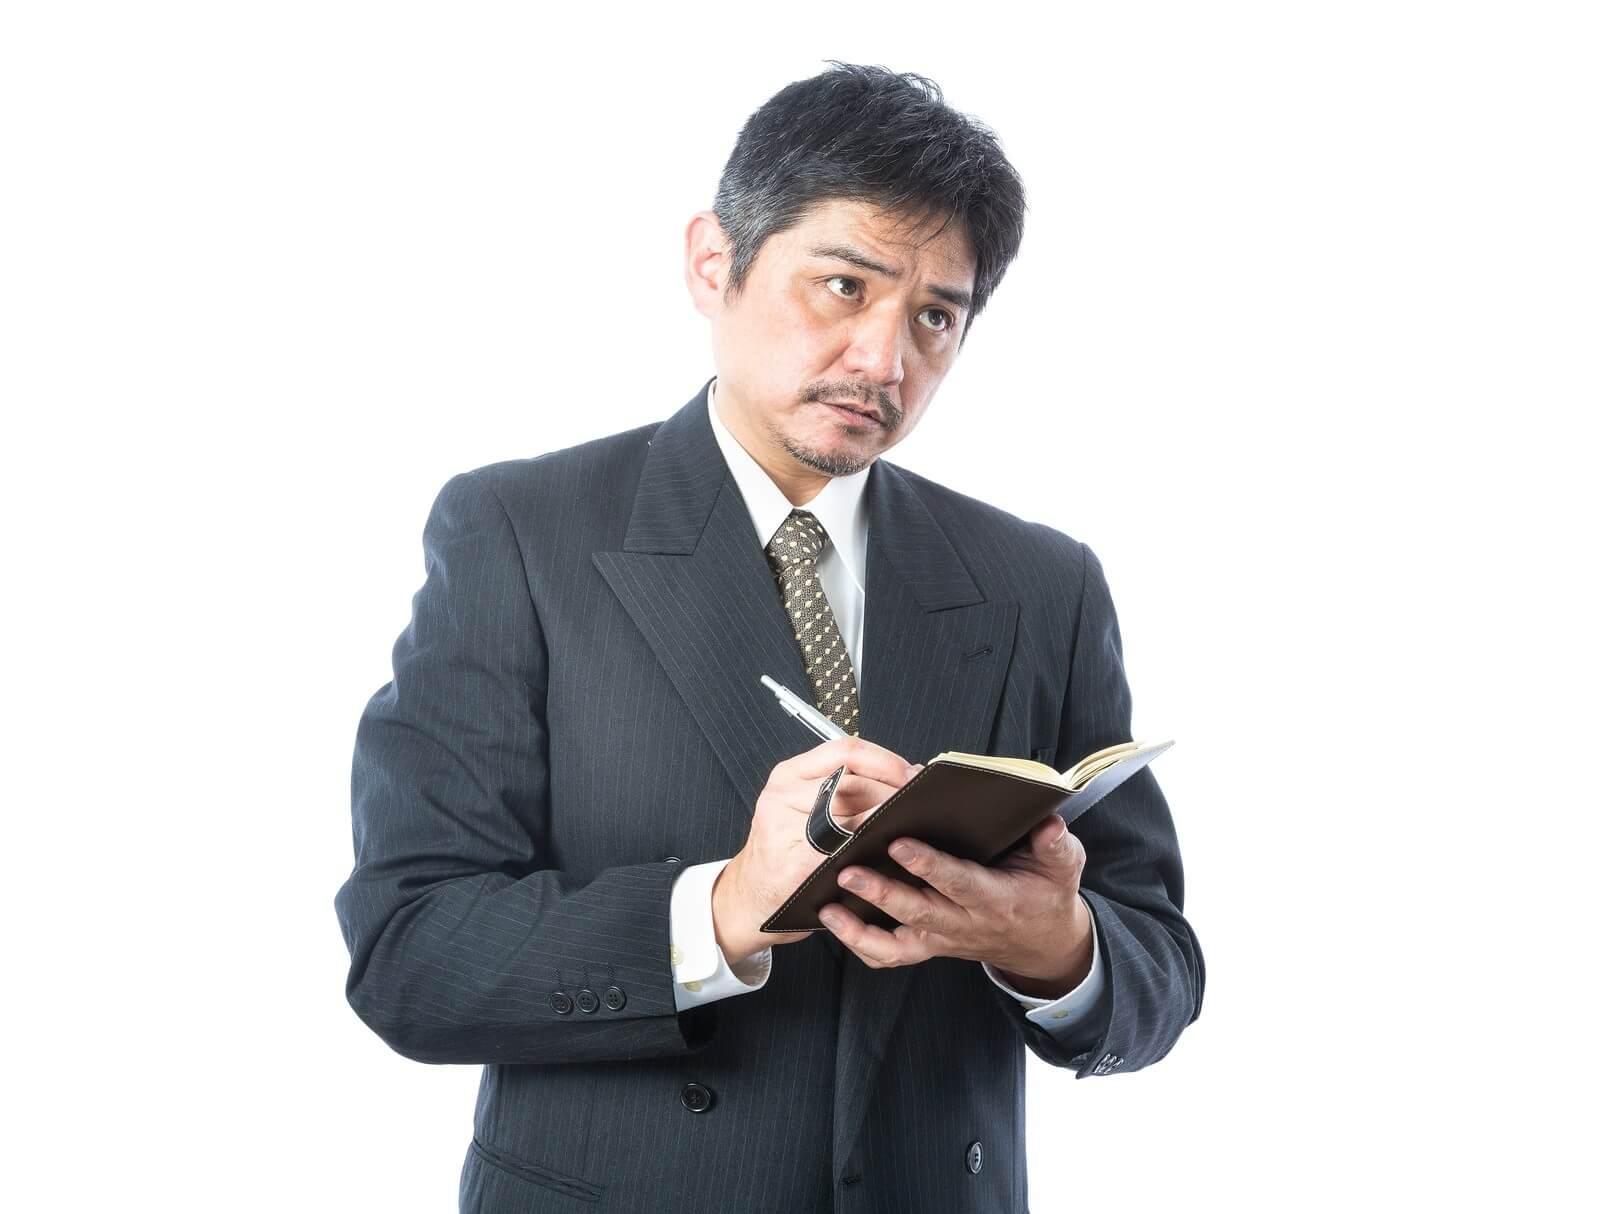 株式会社コタベ(山口県下関市):猛毒シアン化ナトリウム紛失